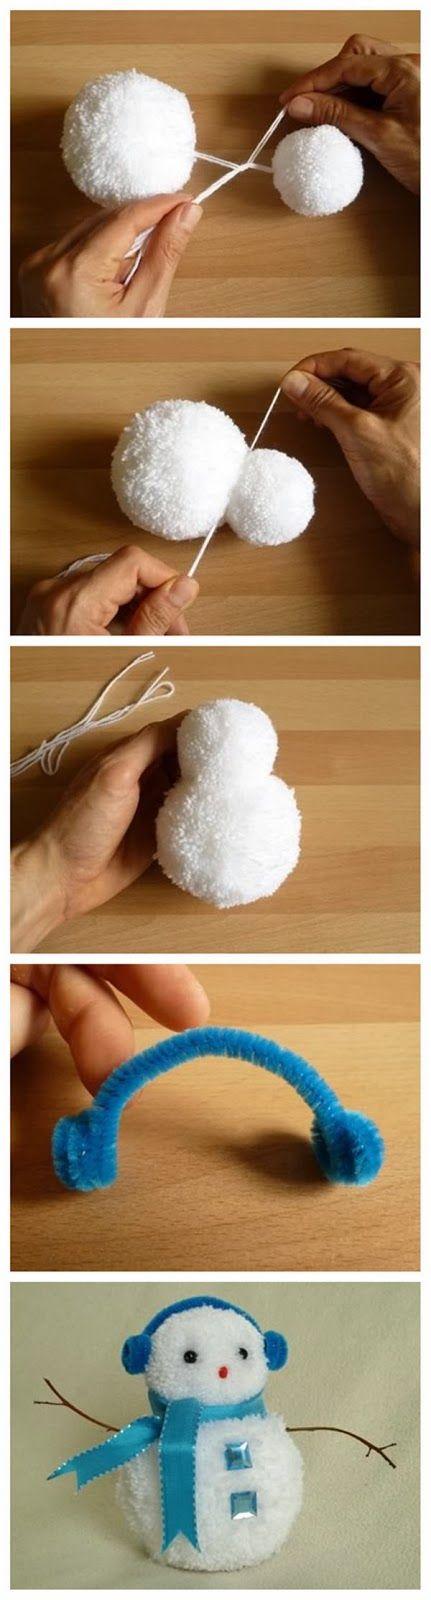 Как сделать Игрушки из помпонов своими руками